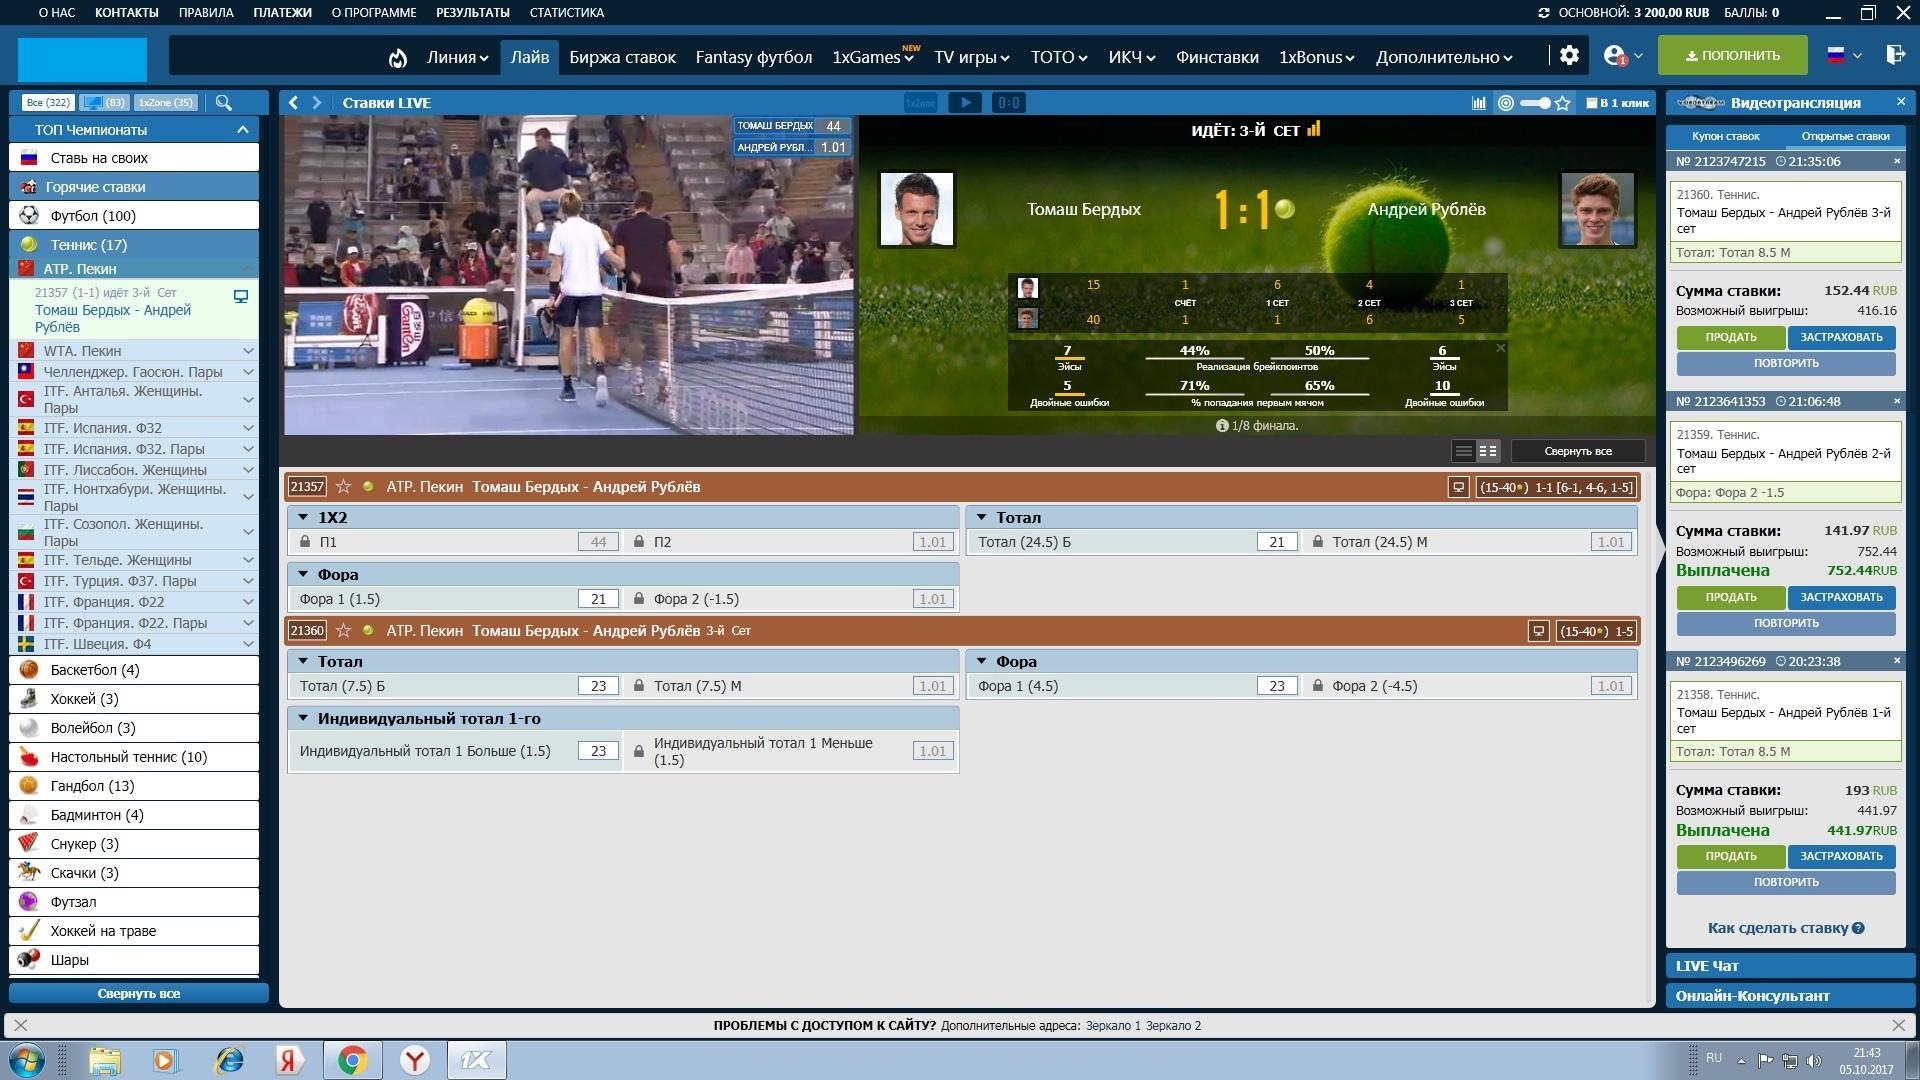 Интерфейс системы напоминает сайт букмекерской конторы